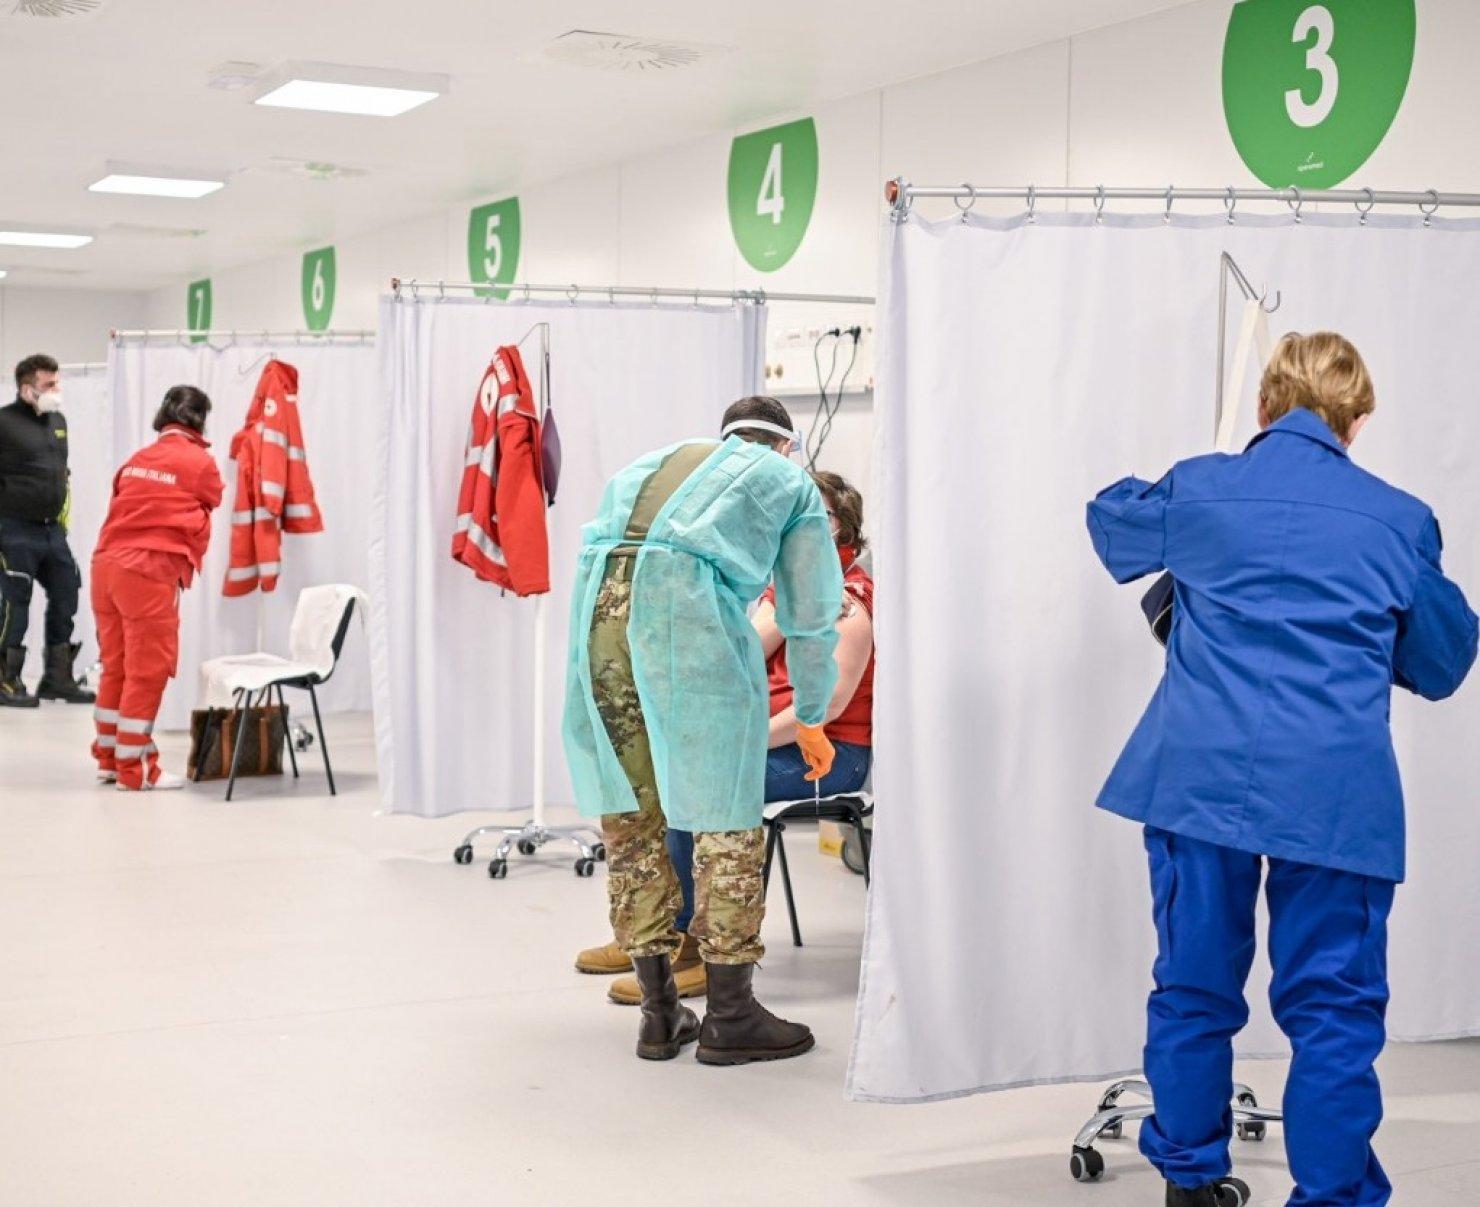 Covid 19. Proietti (UIL) e Librandi (UIL-FPL): Vaccinazione capillare e diffusa via maestra per uscire dalla pandemia.